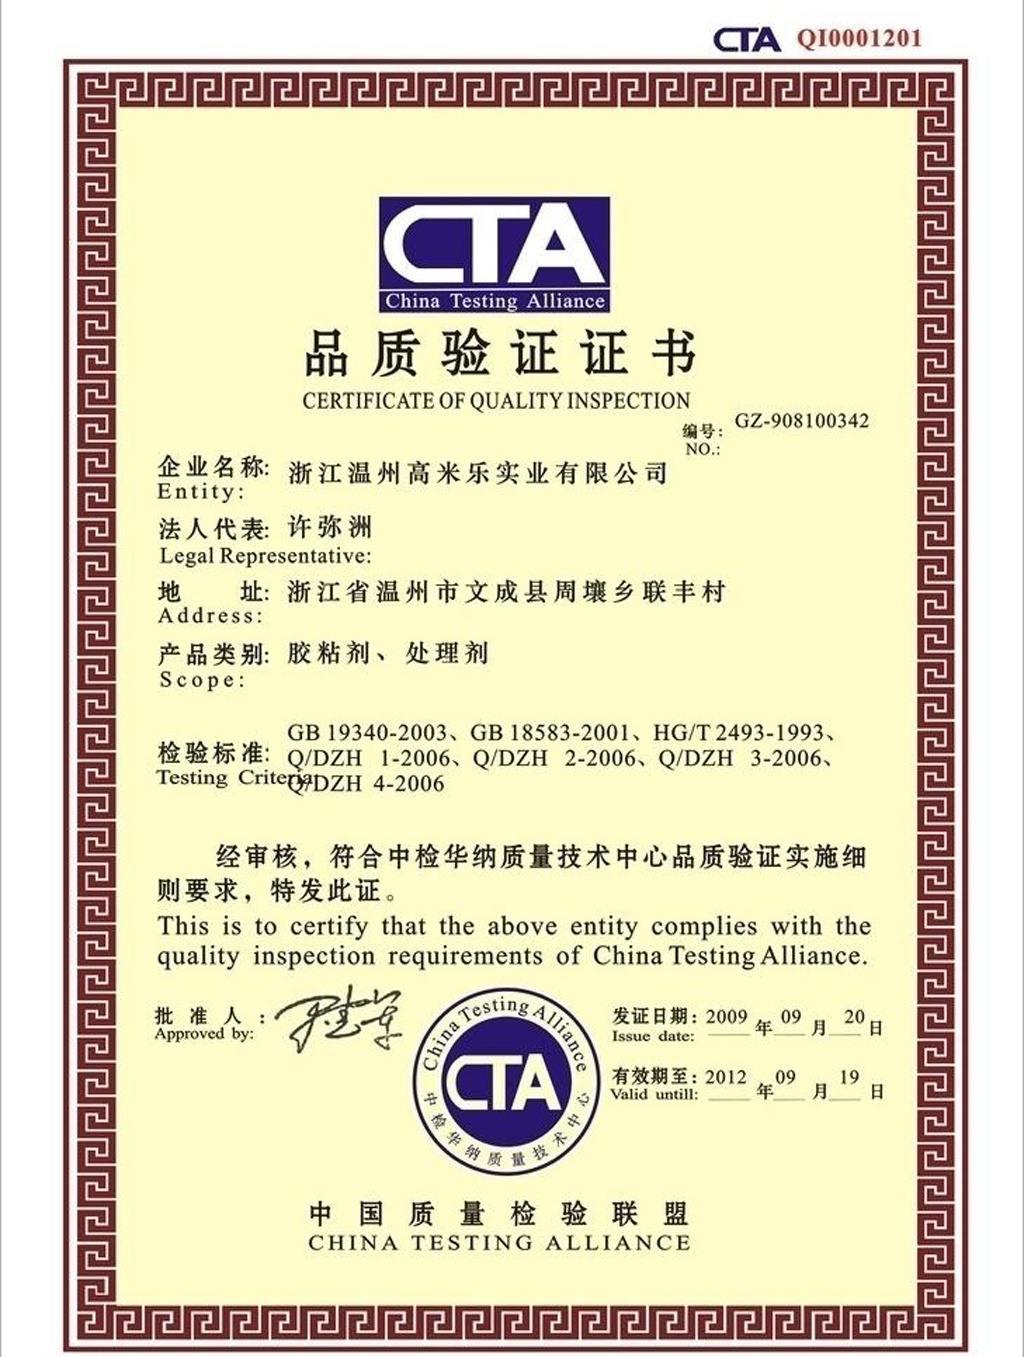 CTA证书查询